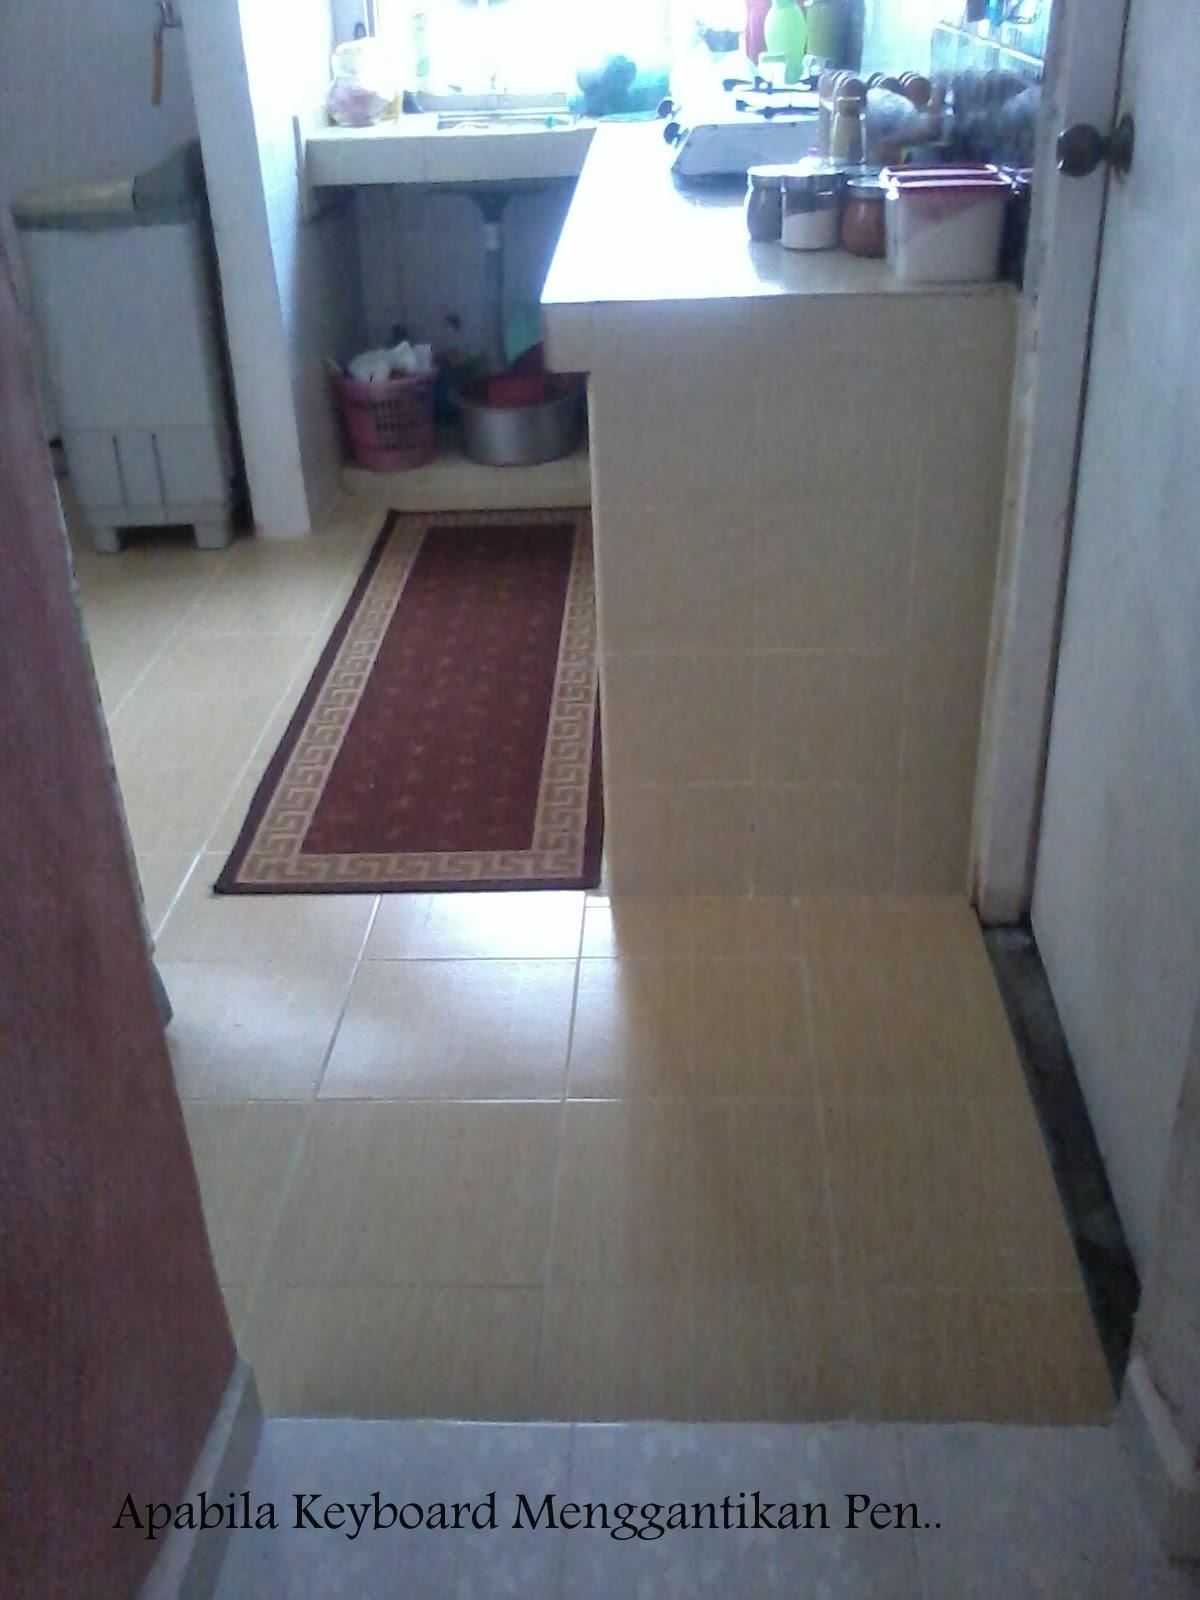 Kitchen Cabinet Tak De Lagi Dulu Aku Igt Nak Tutup Ngan Langsir Je Kat Bawah Tu Tapi Terjahit Pon Pela Nanti Ade Budget Terus Pasang